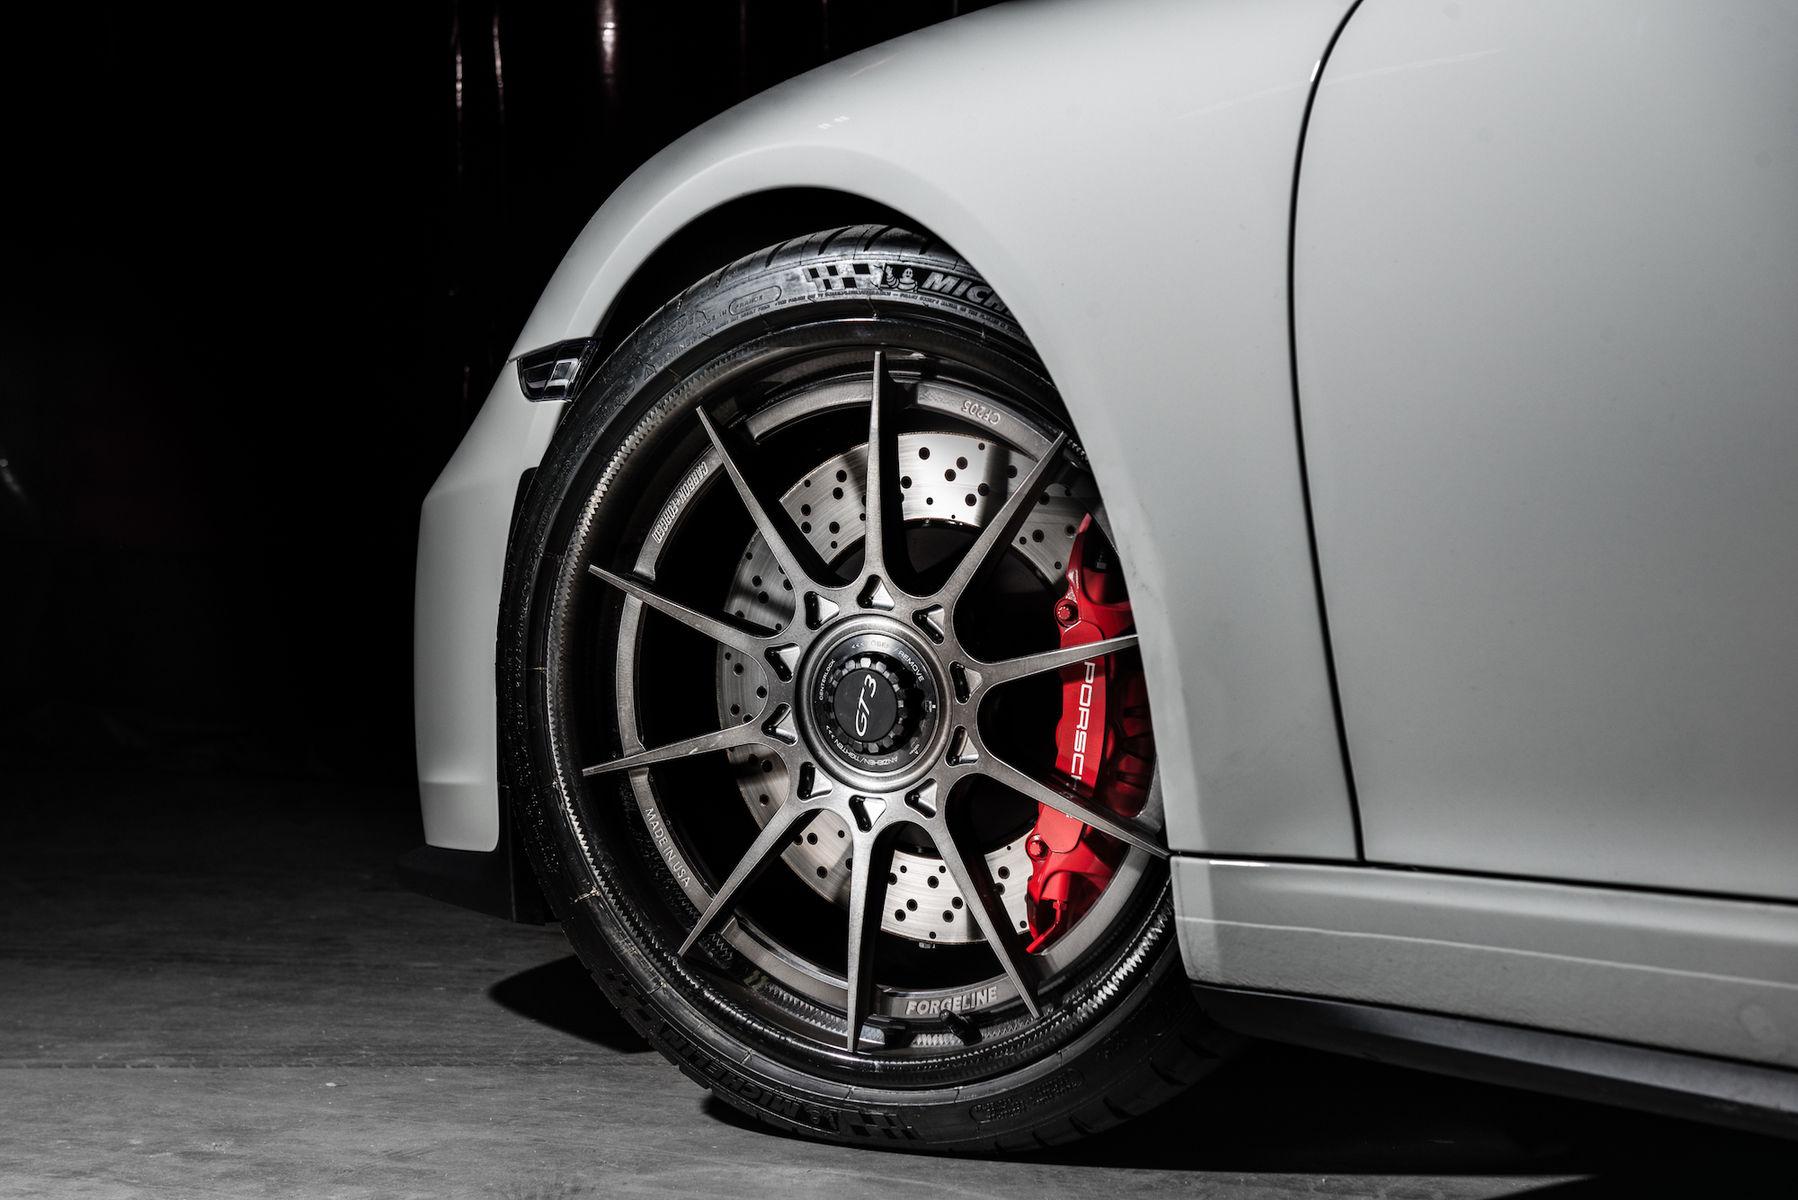 2018 Porsche 911 | Wheel Experts Porsche GT3 on Center Locking Forgeline Carbon+Forged CF205 Wheels